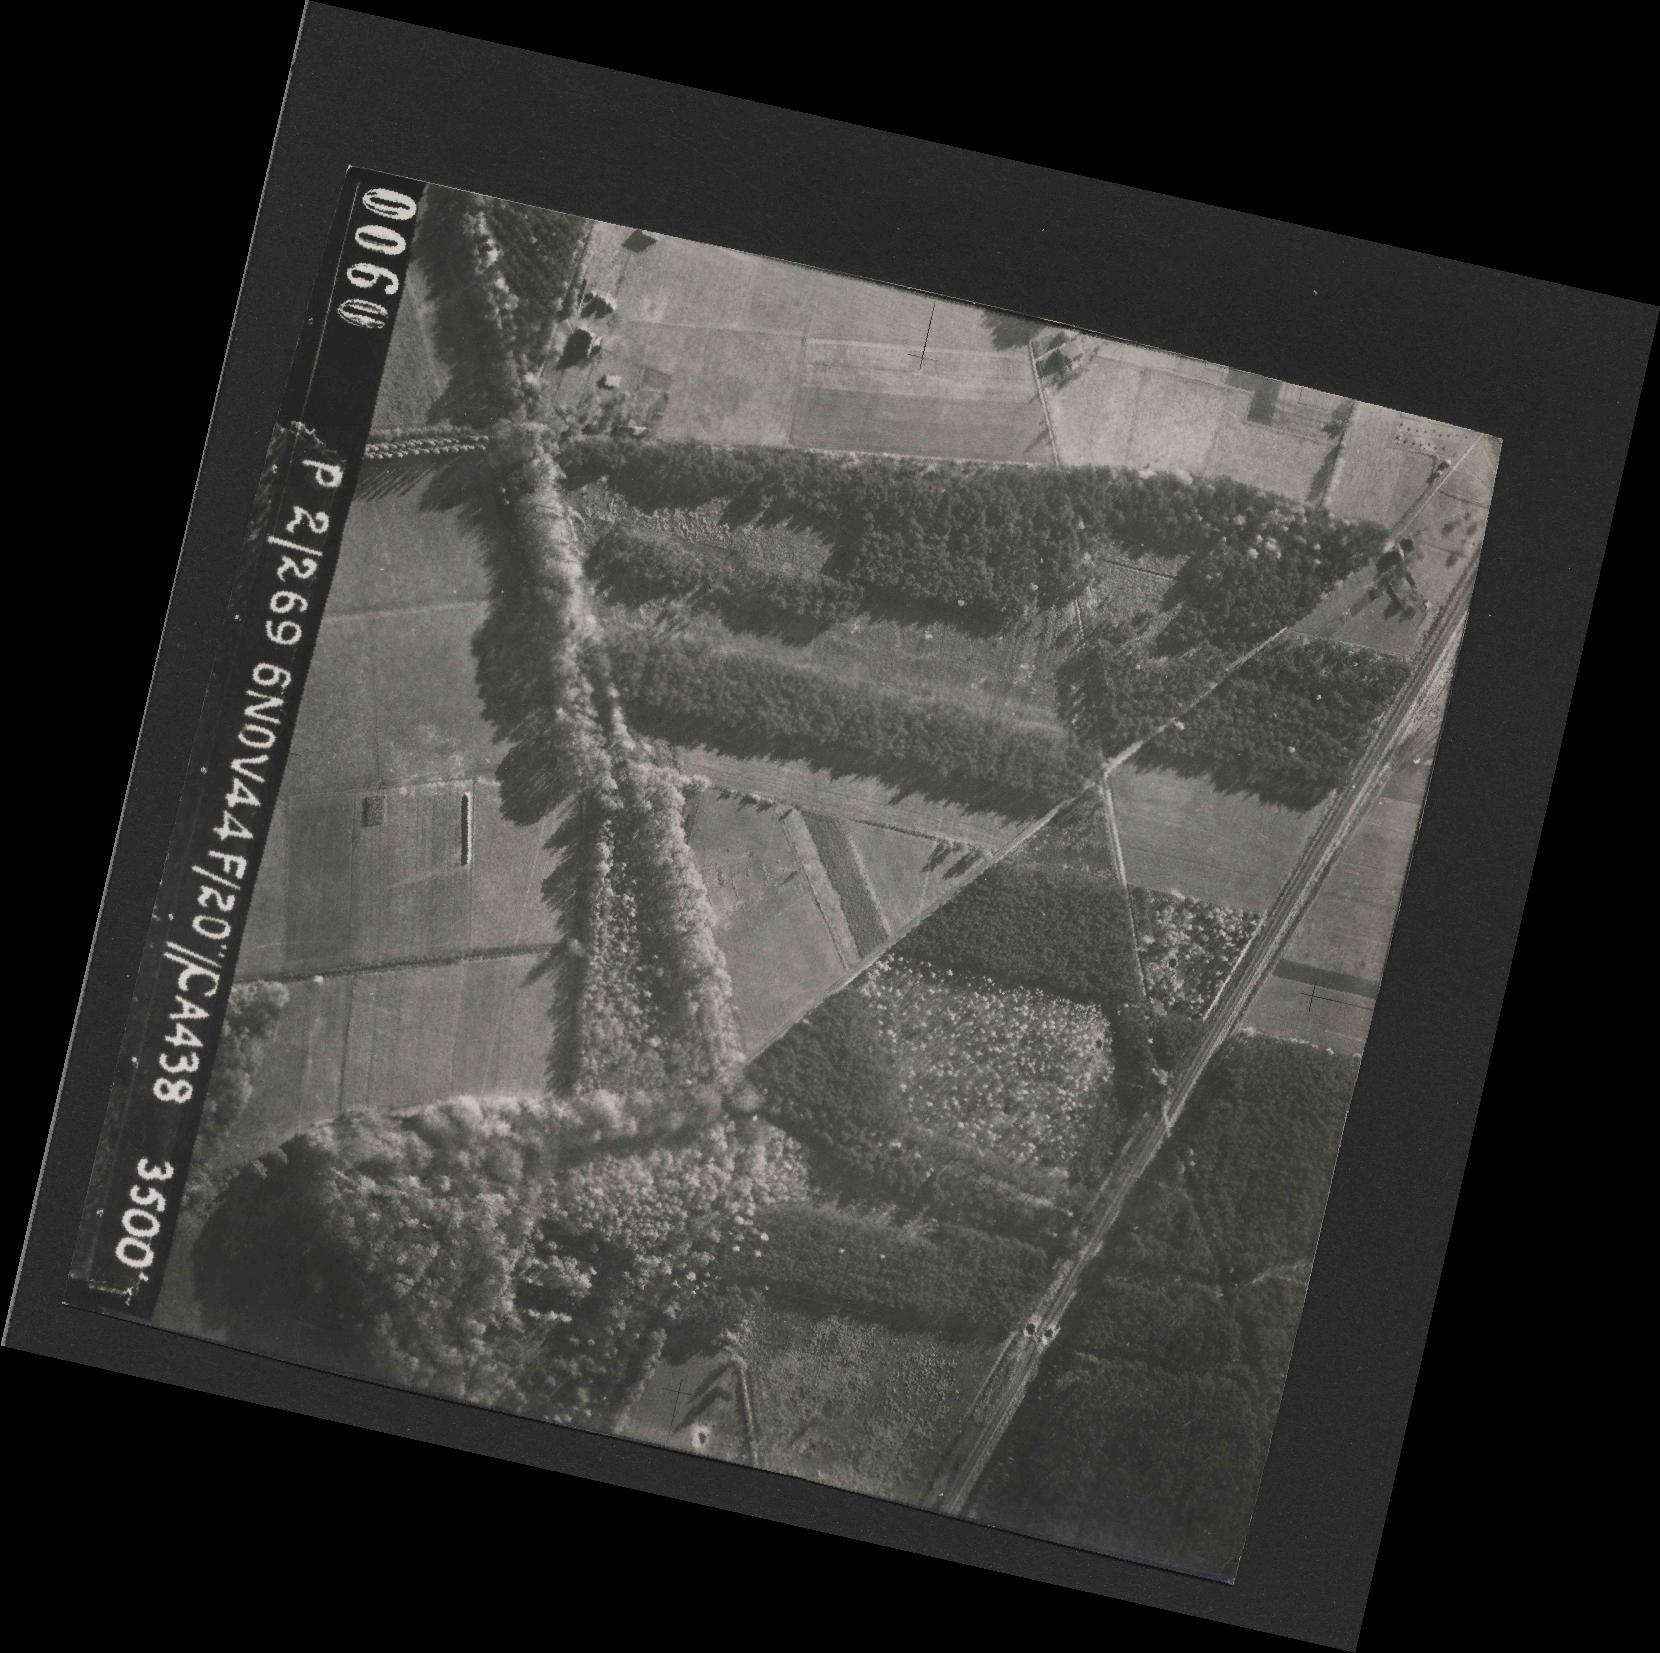 Collection RAF aerial photos 1940-1945 - flight 501, run 01, photo 0060